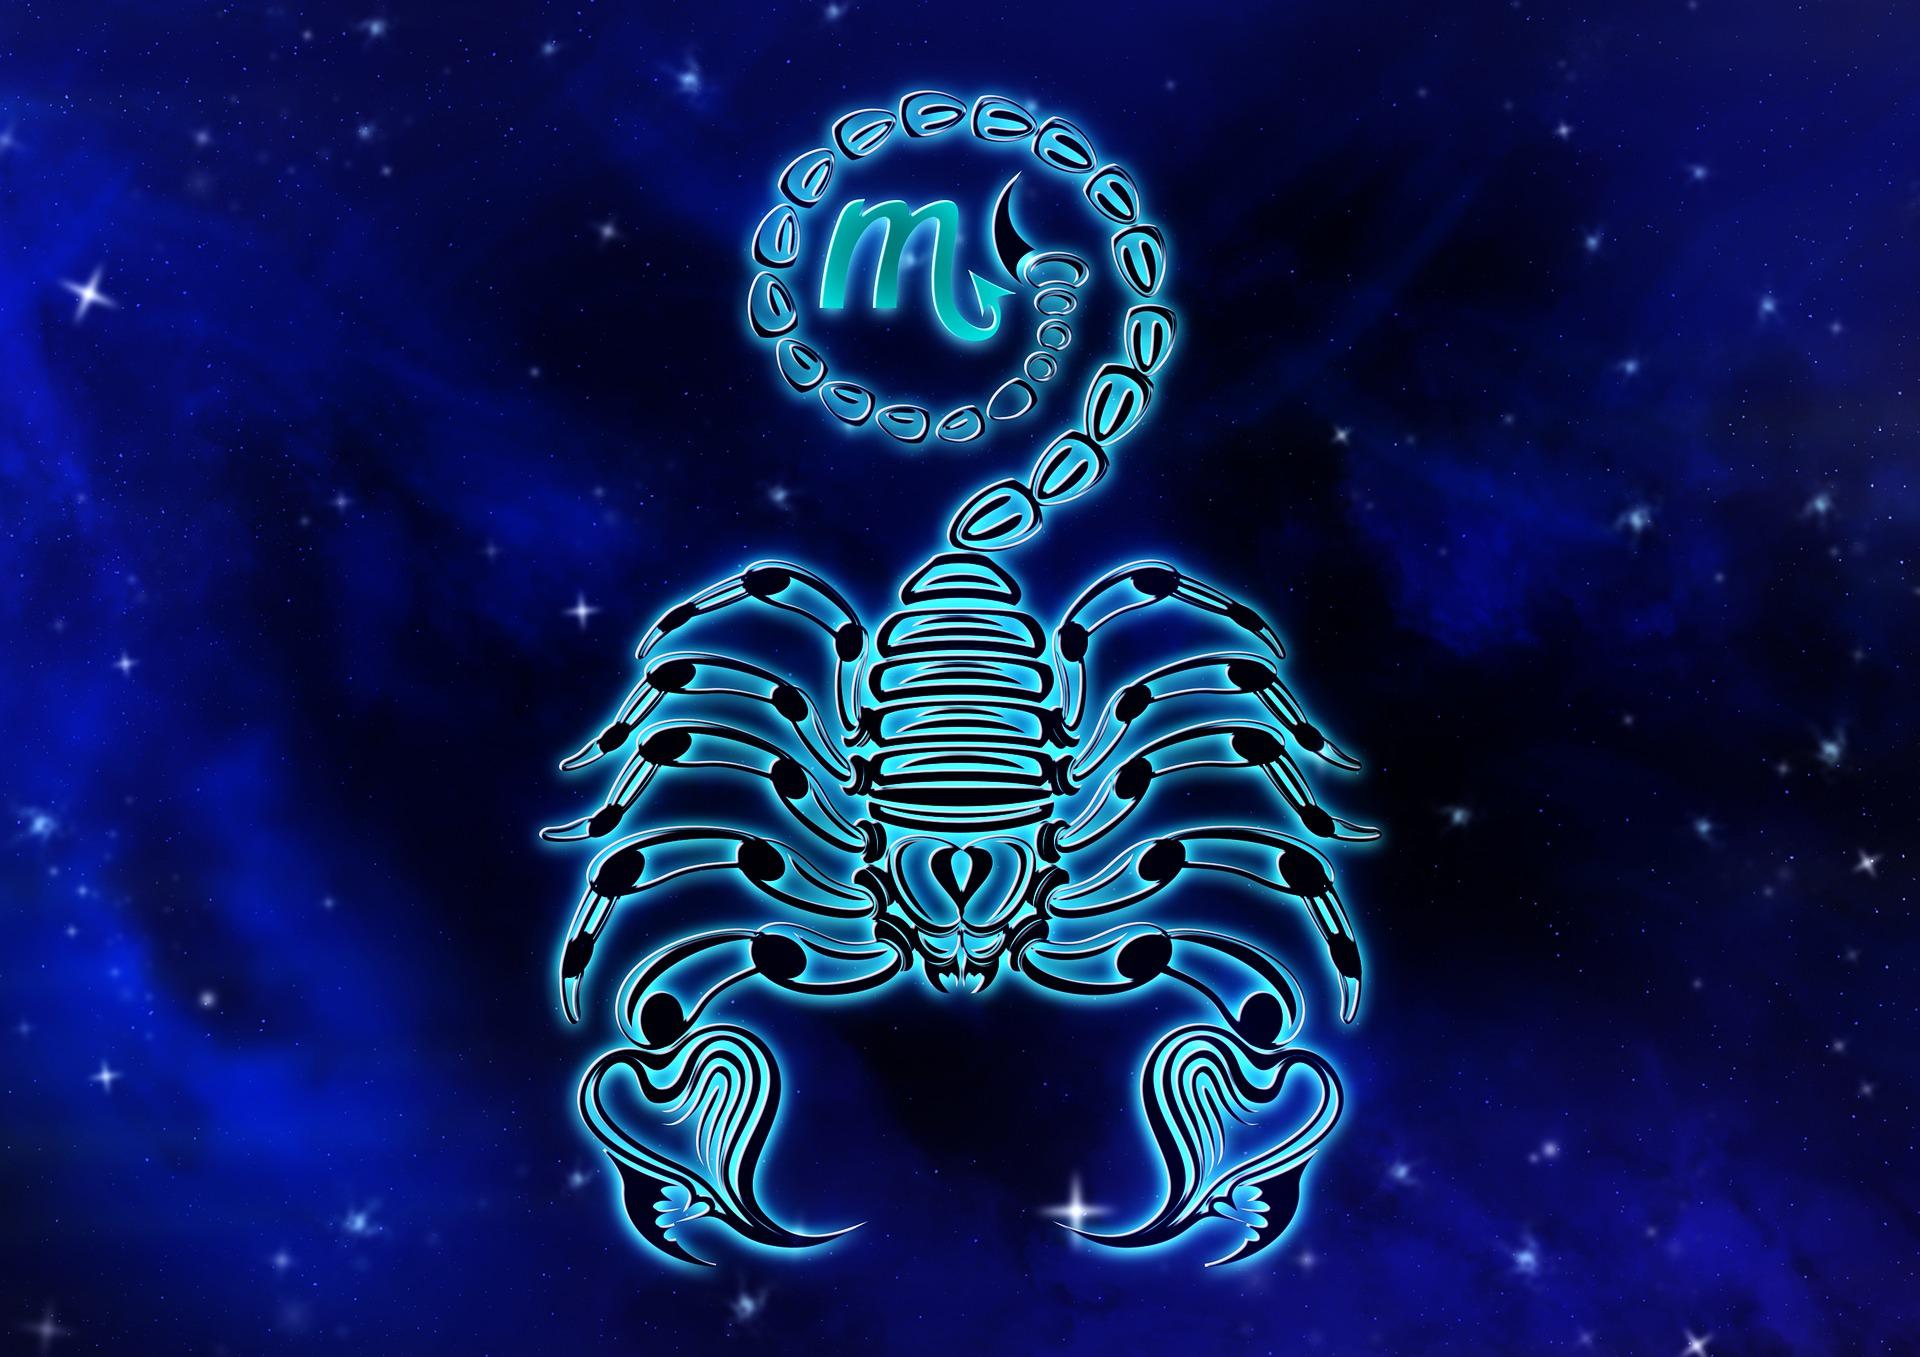 Alt om stjernetegnet Skorpionen